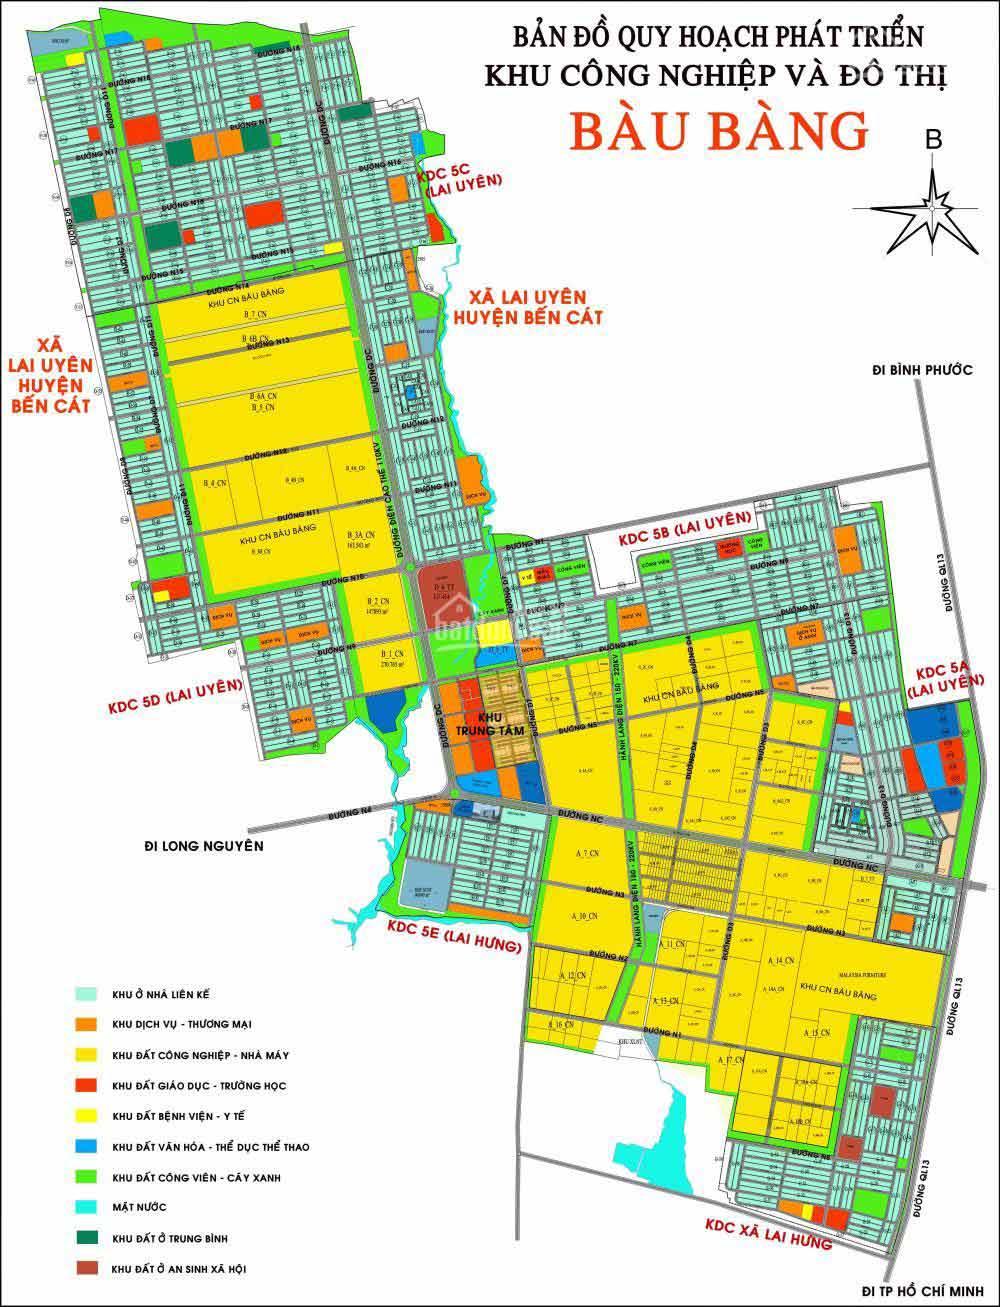 Bản đồ khu công nghiệp và đô thị Bàu Bàng Bình Dương